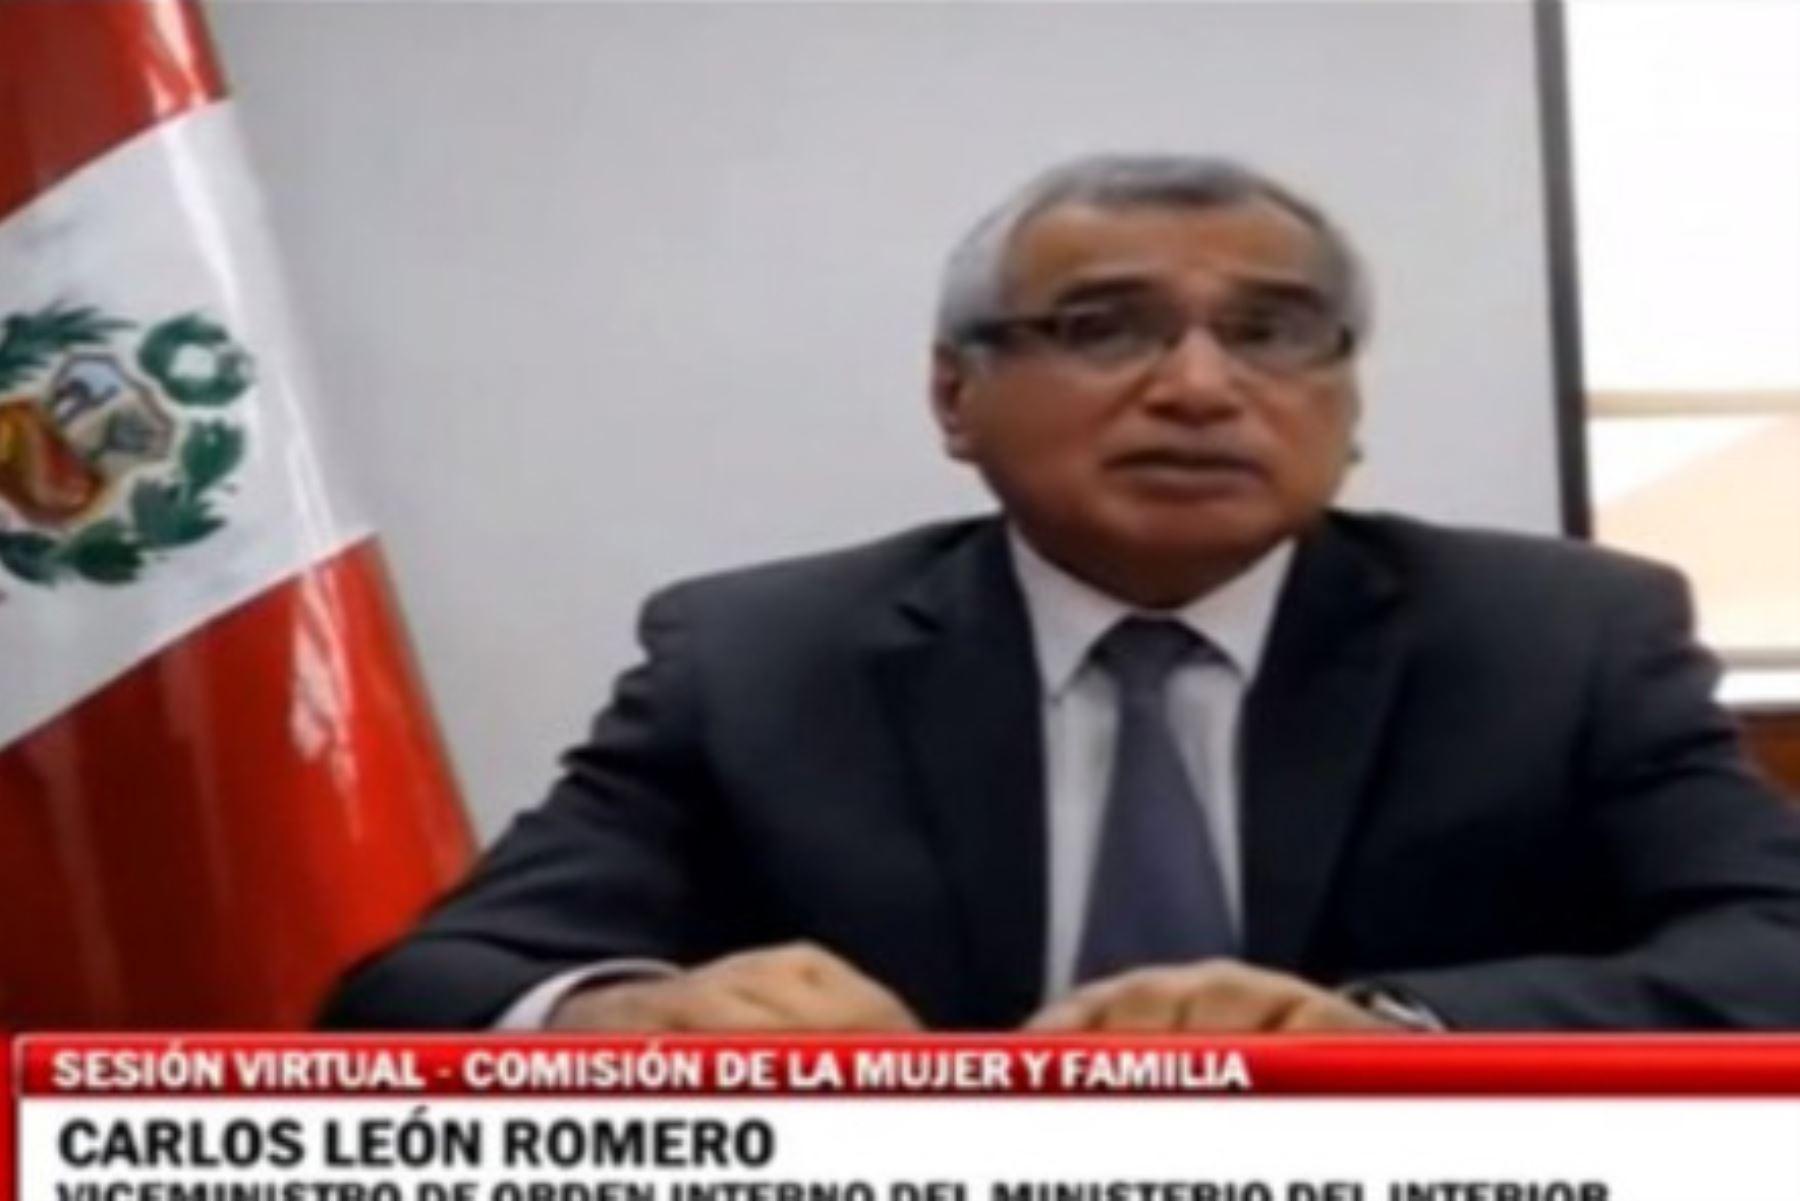 """El viceministro de Orden Interno del Mininter, Carlos León Romero, señaló que """"el Grupo Terna es fundamental para combatir la delincuencia común y la microcomercialización de drogas"""". Foto: ANDINA/Mininter"""